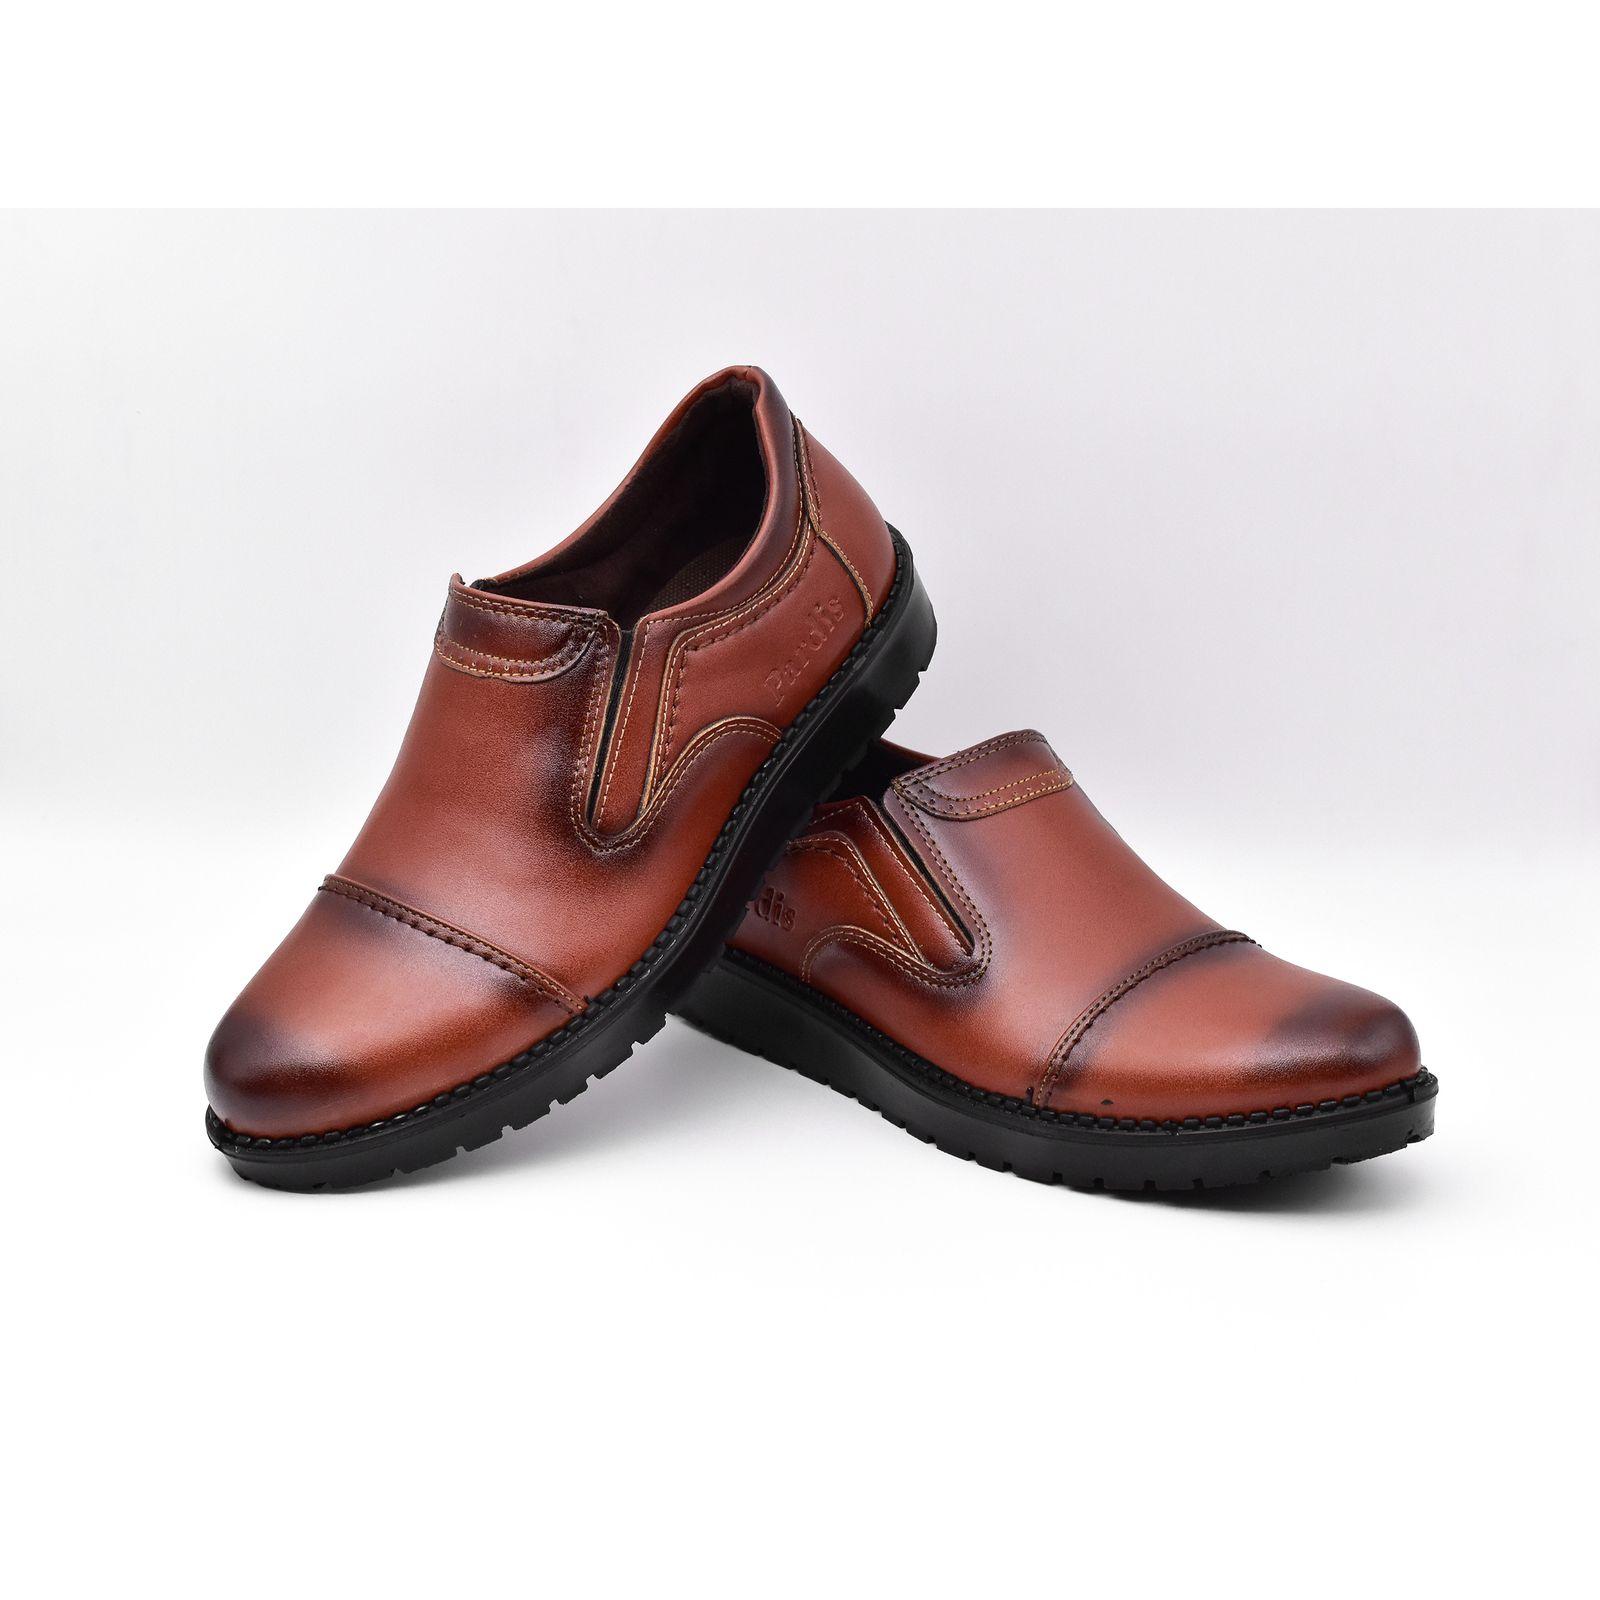 کفش روزمره مردانه مدل پردیس کد 5968 -  - 5